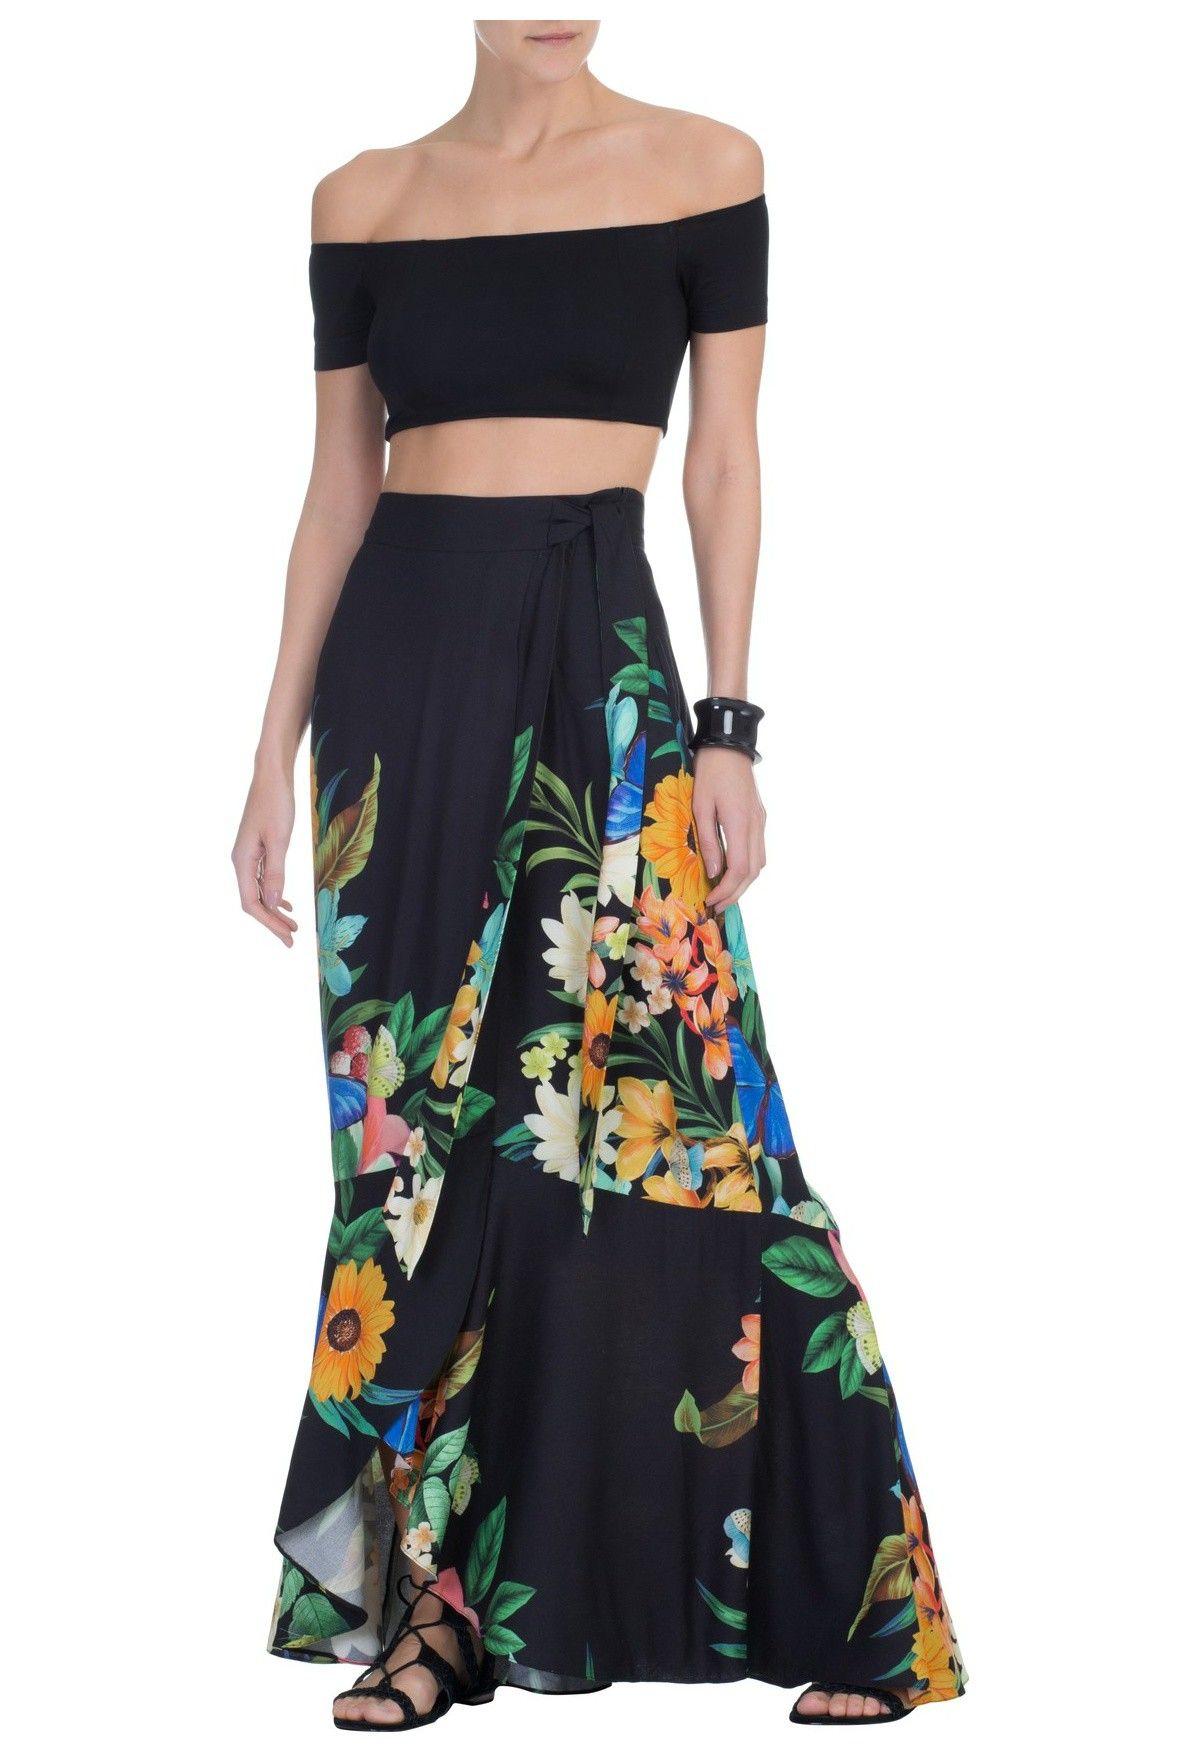 82e7693ac FARM - Saia longa floreando - preta - OQVestir   roupas e acessórios ...